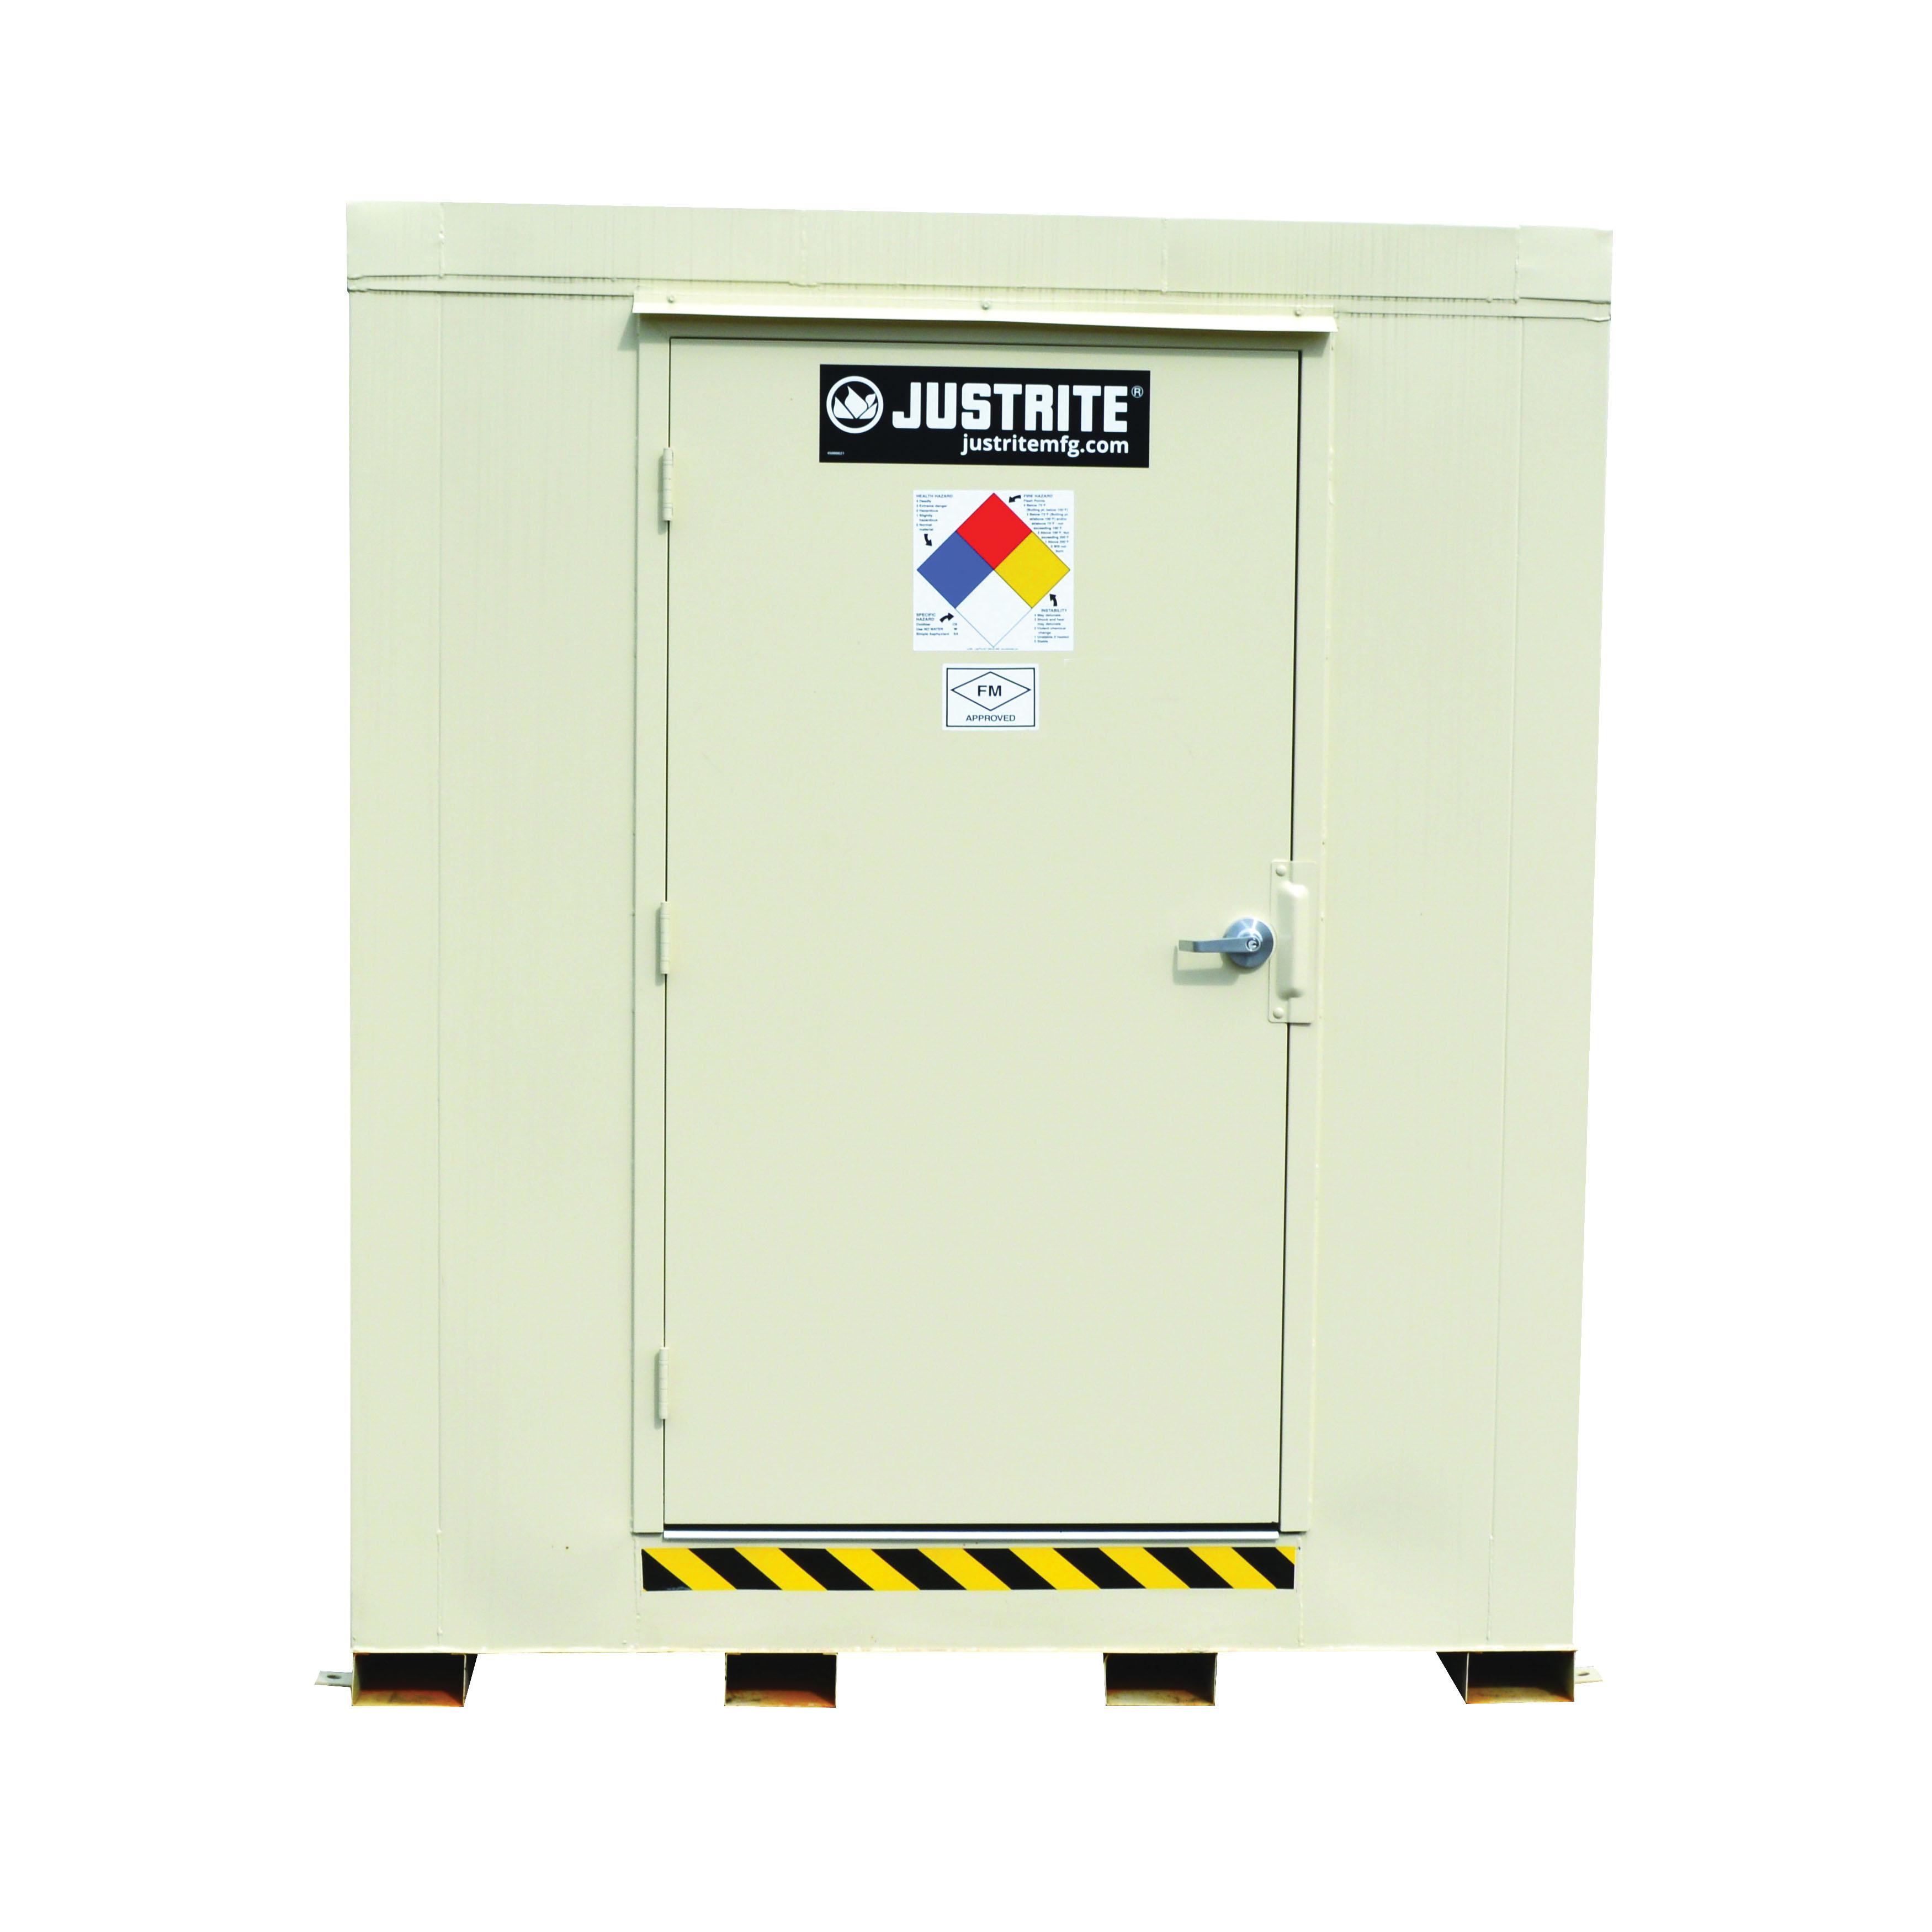 Justrite® 912061 Outdoor Safety Locker, 2 hr Fire Rating, 97 in H x 88 in W x 64 in D, Fire-Rated Door, 1 Doors, Heavy Gauge Steel, Bone